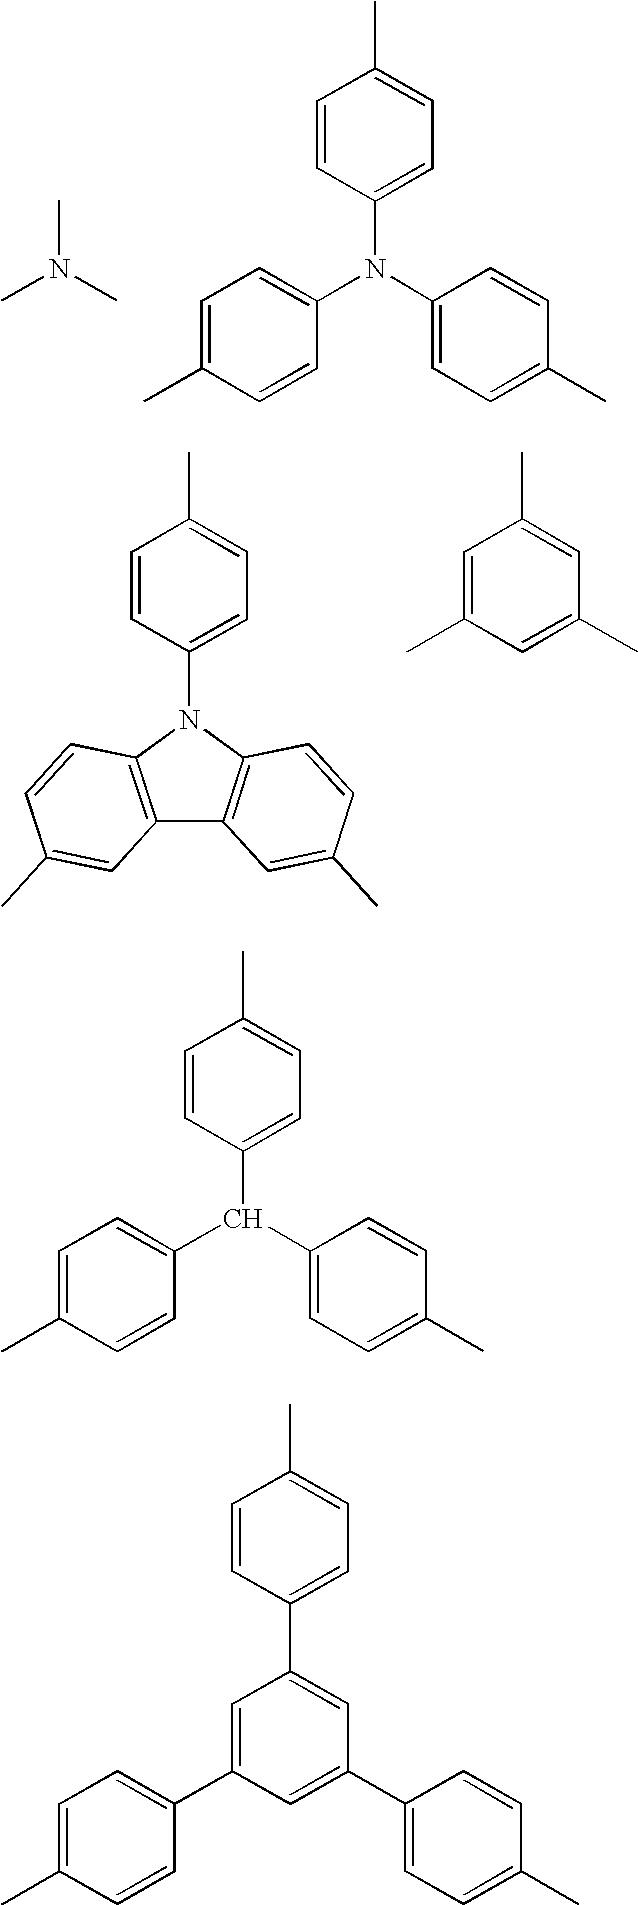 Figure US20060257684A1-20061116-C00360